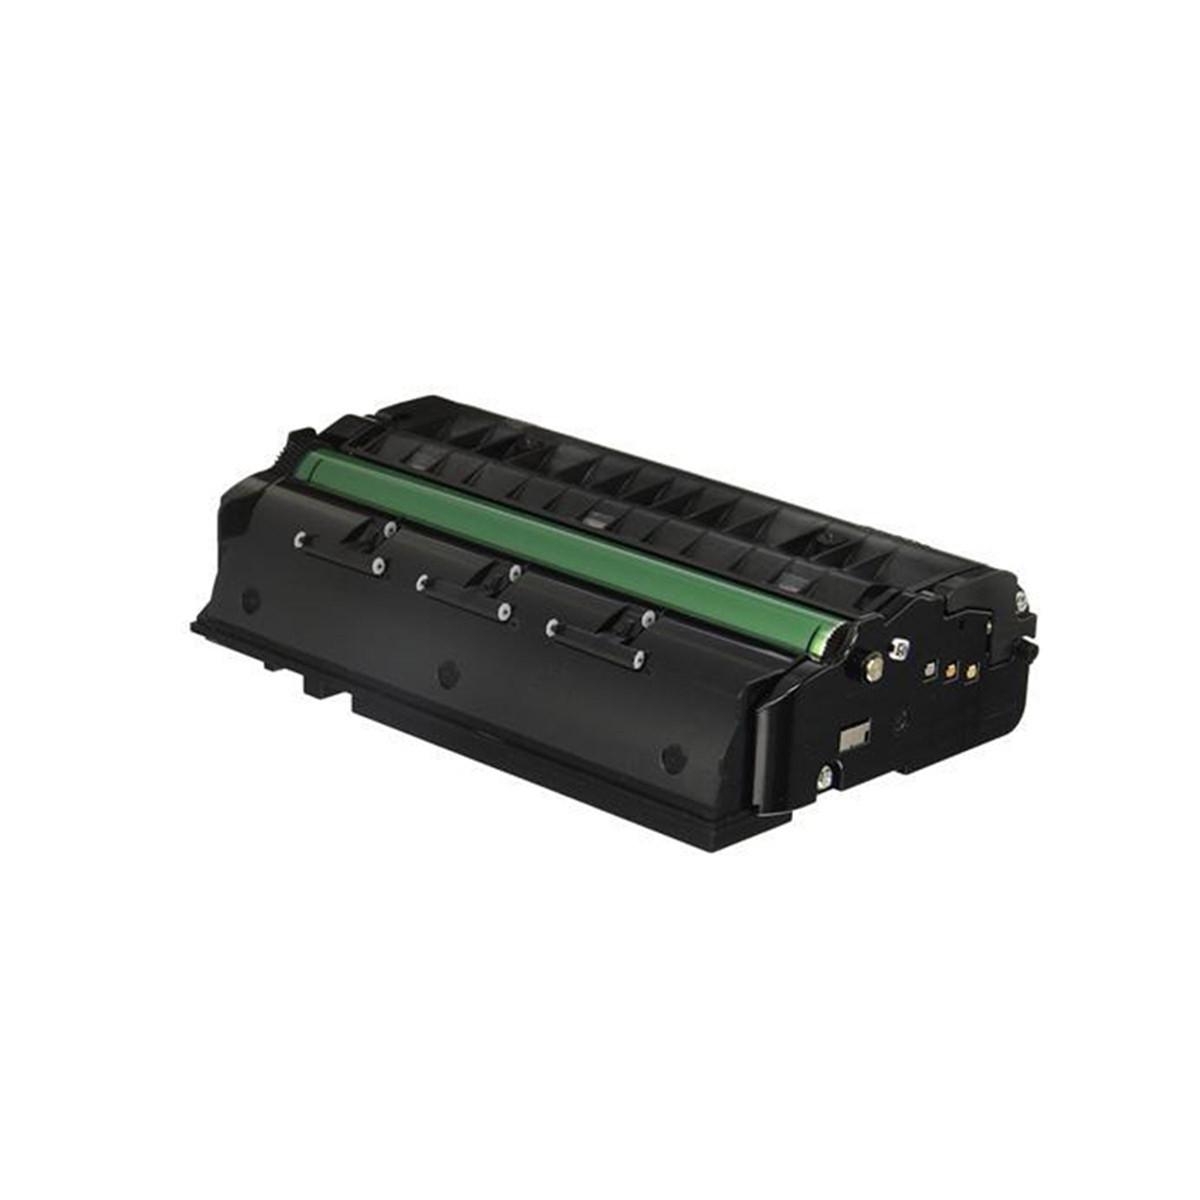 Toner Compatível Ricoh SP 310SFNW SP310 SP311 SP310SFNW 407578   Importado 6.4k